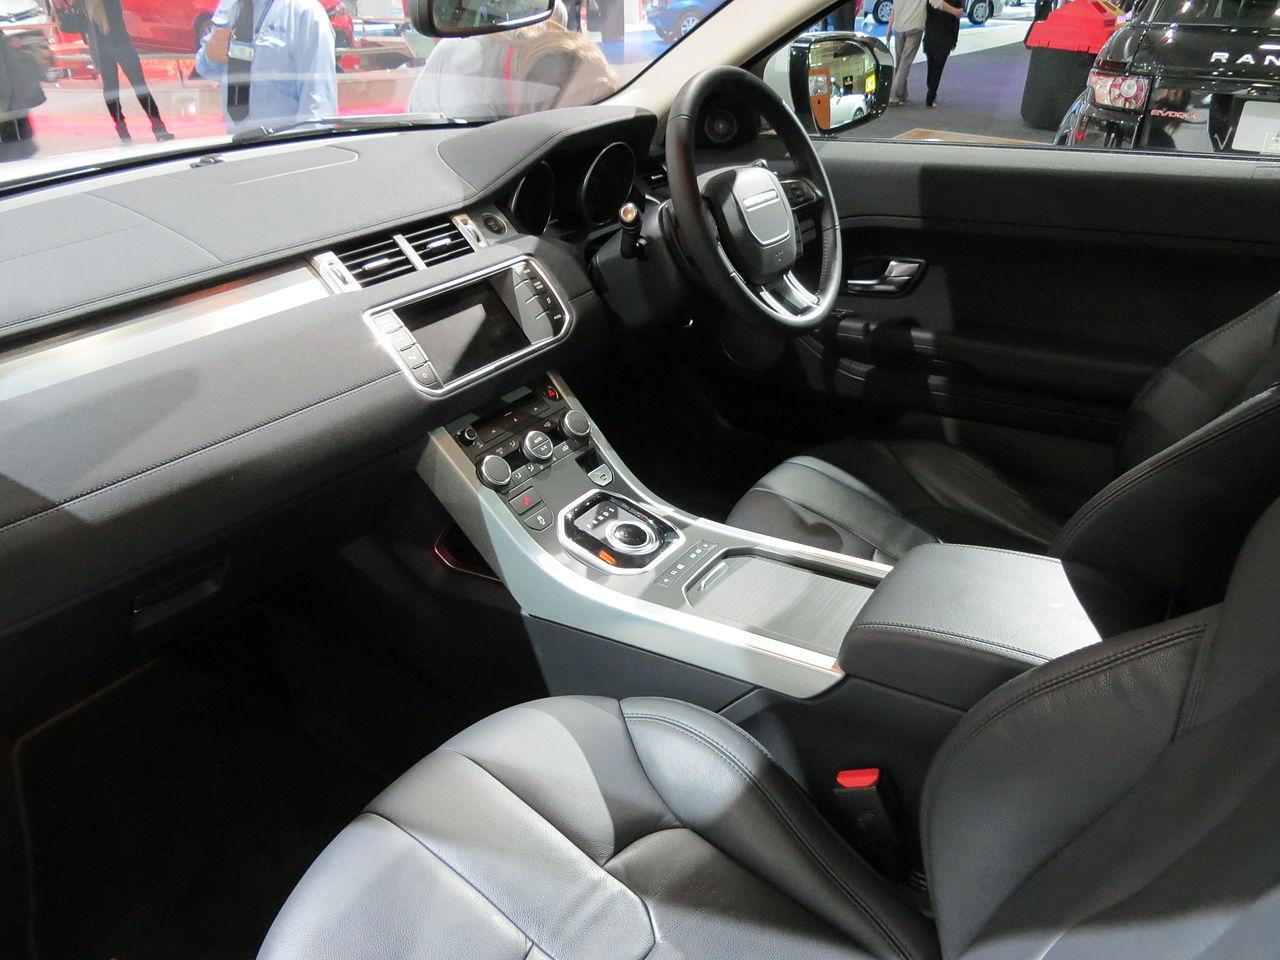 File:2012 Land Rover Range Rover Evoque (L538 12MY) Si4 Pure